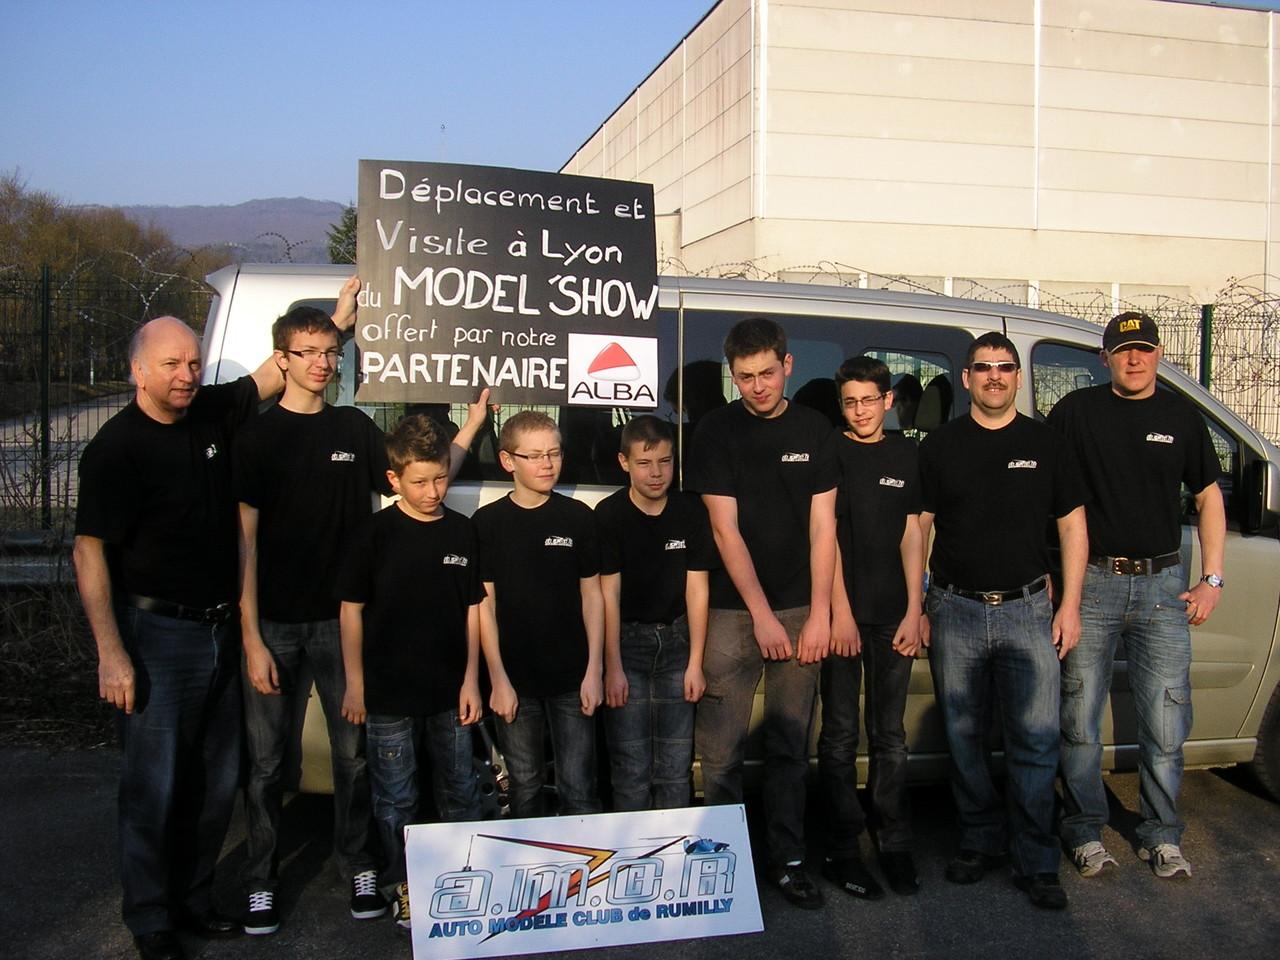 Déplacement en mini bus avec les adhérents au Model Show à Lyon, un gran merci à notre sponsor ALBA